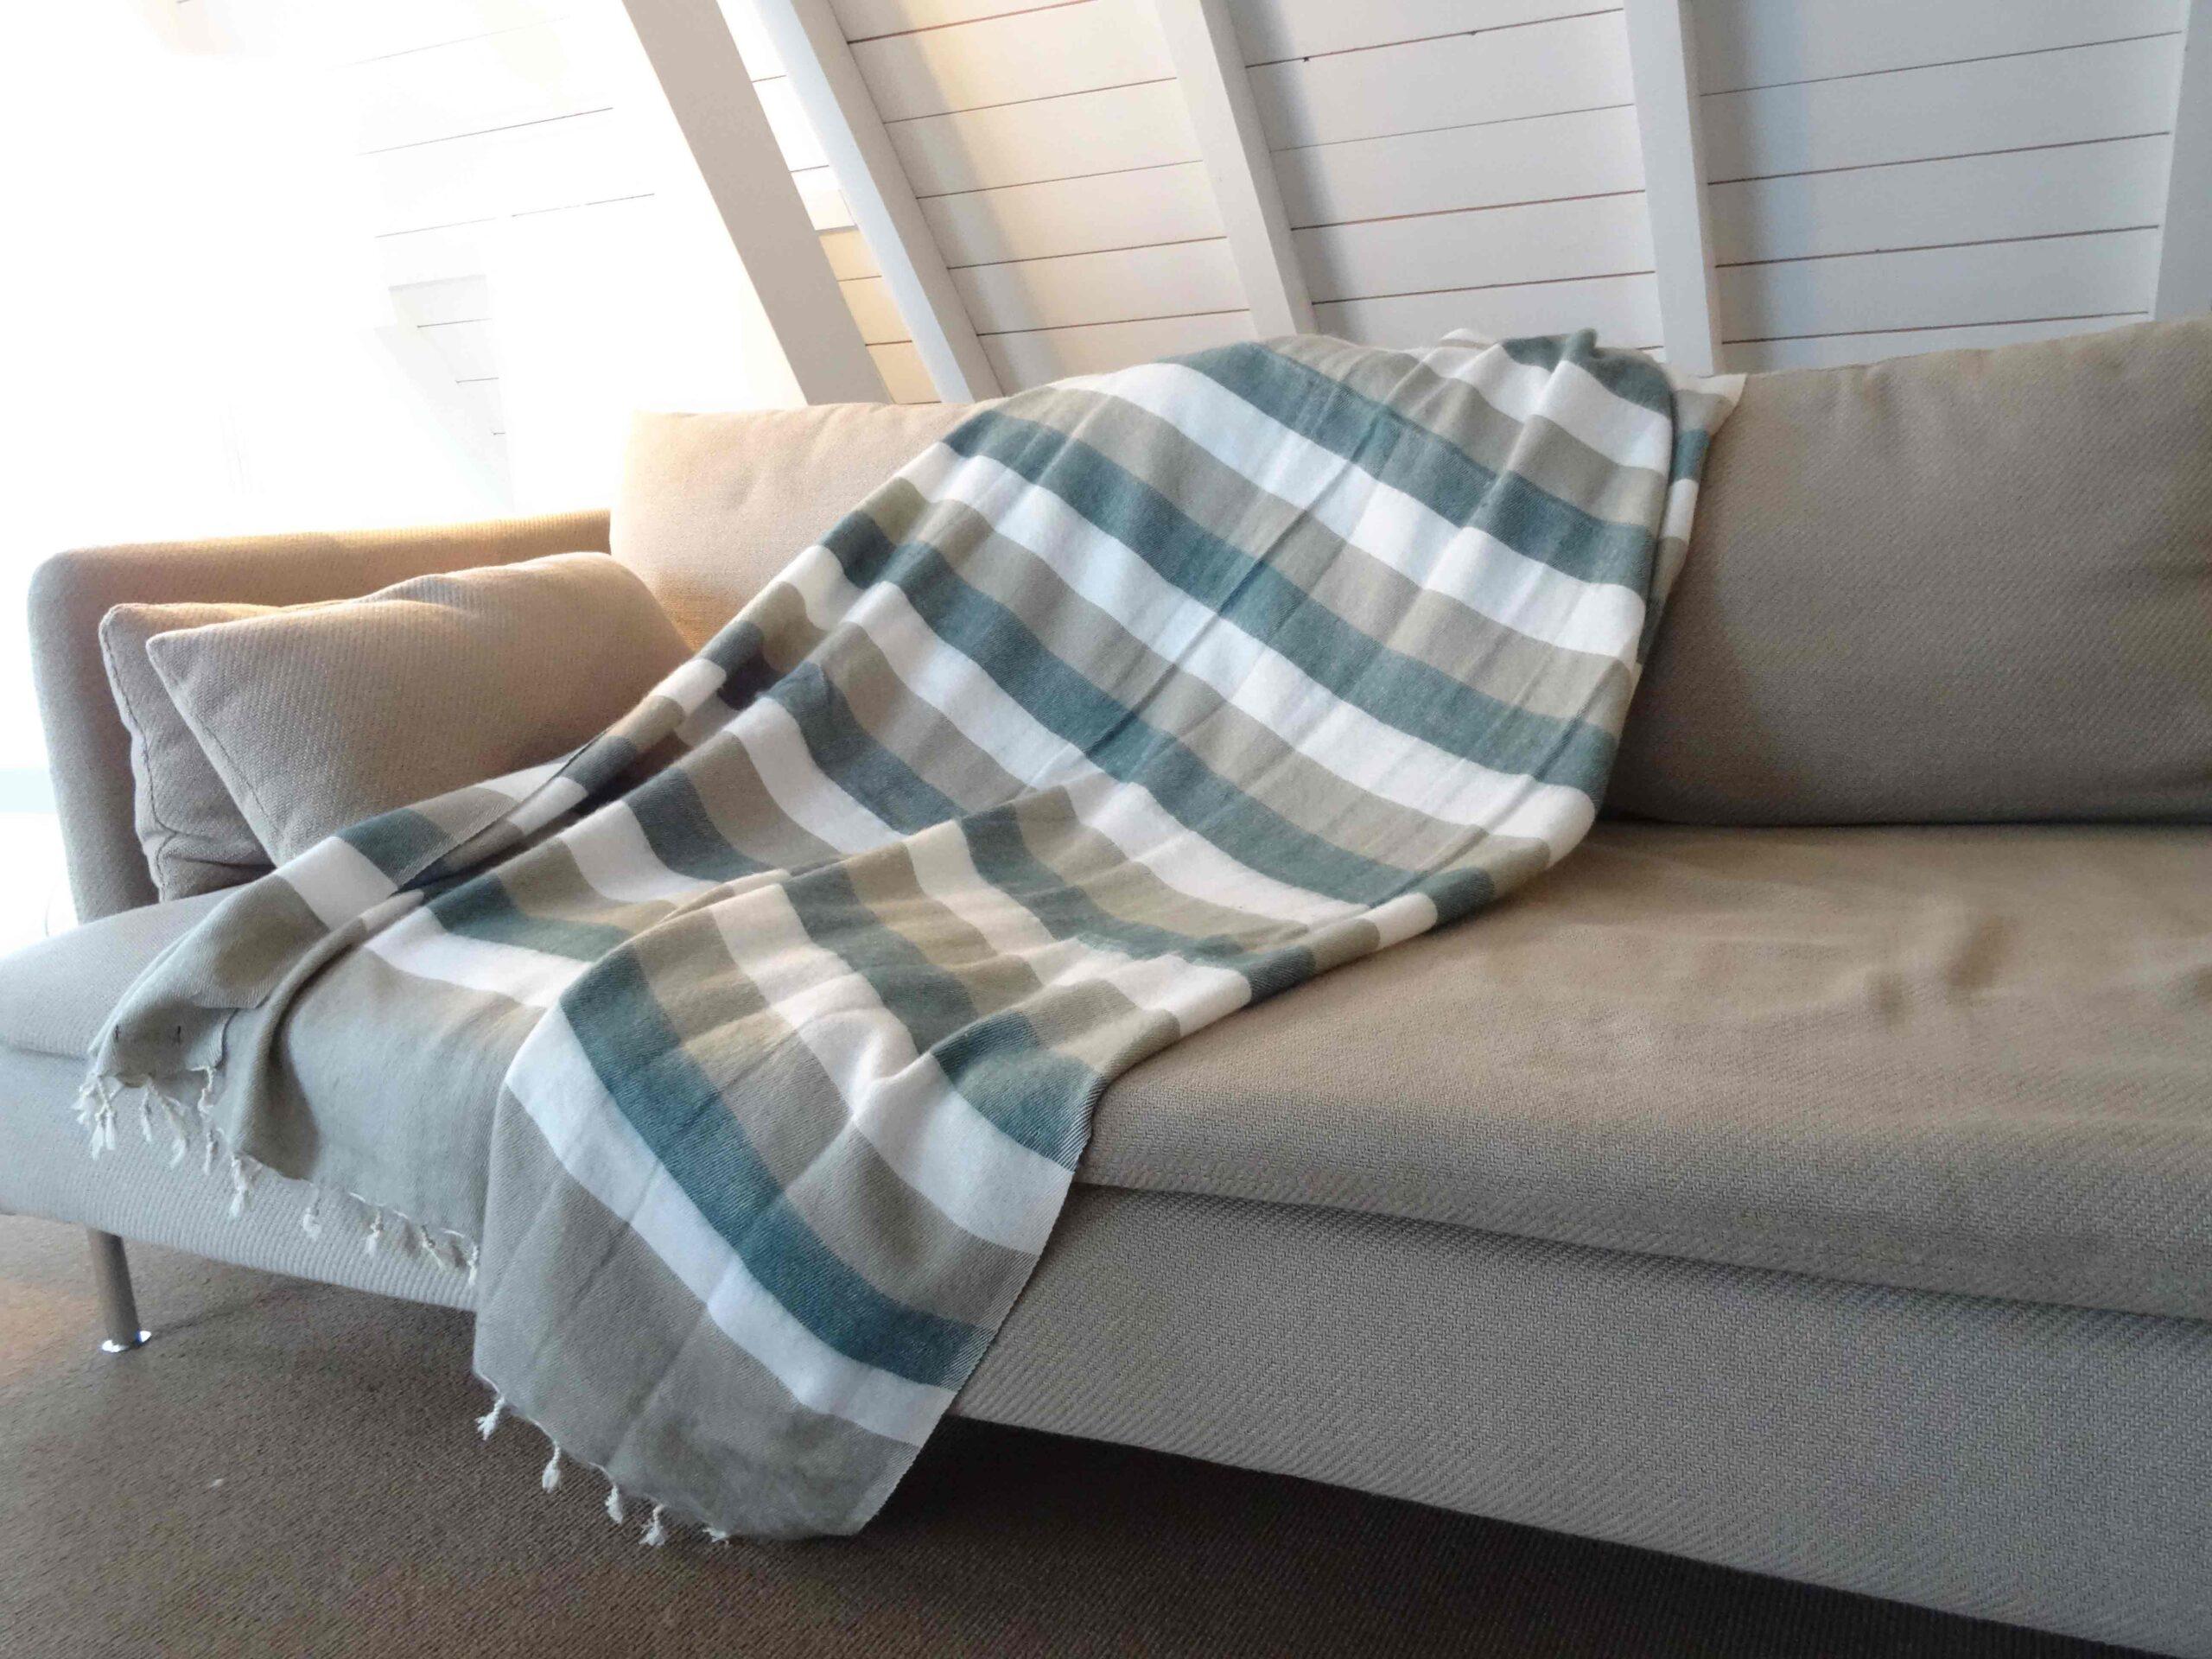 Full Size of Schöne Decken Schals Und Deckenleuchte Küche Deckenlampe Bad Moderne Wohnzimmer Led Deckenstrahler Deckenlampen Betten Mein Schöner Garten Abo Schlafzimmer Wohnzimmer Schöne Decken